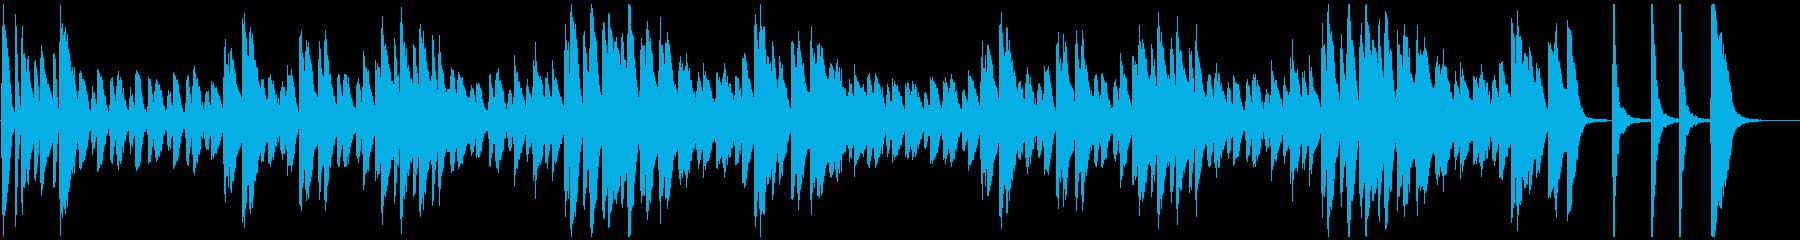 オヤジ臭い雰囲気のジャズ系ピアノソロ曲の再生済みの波形